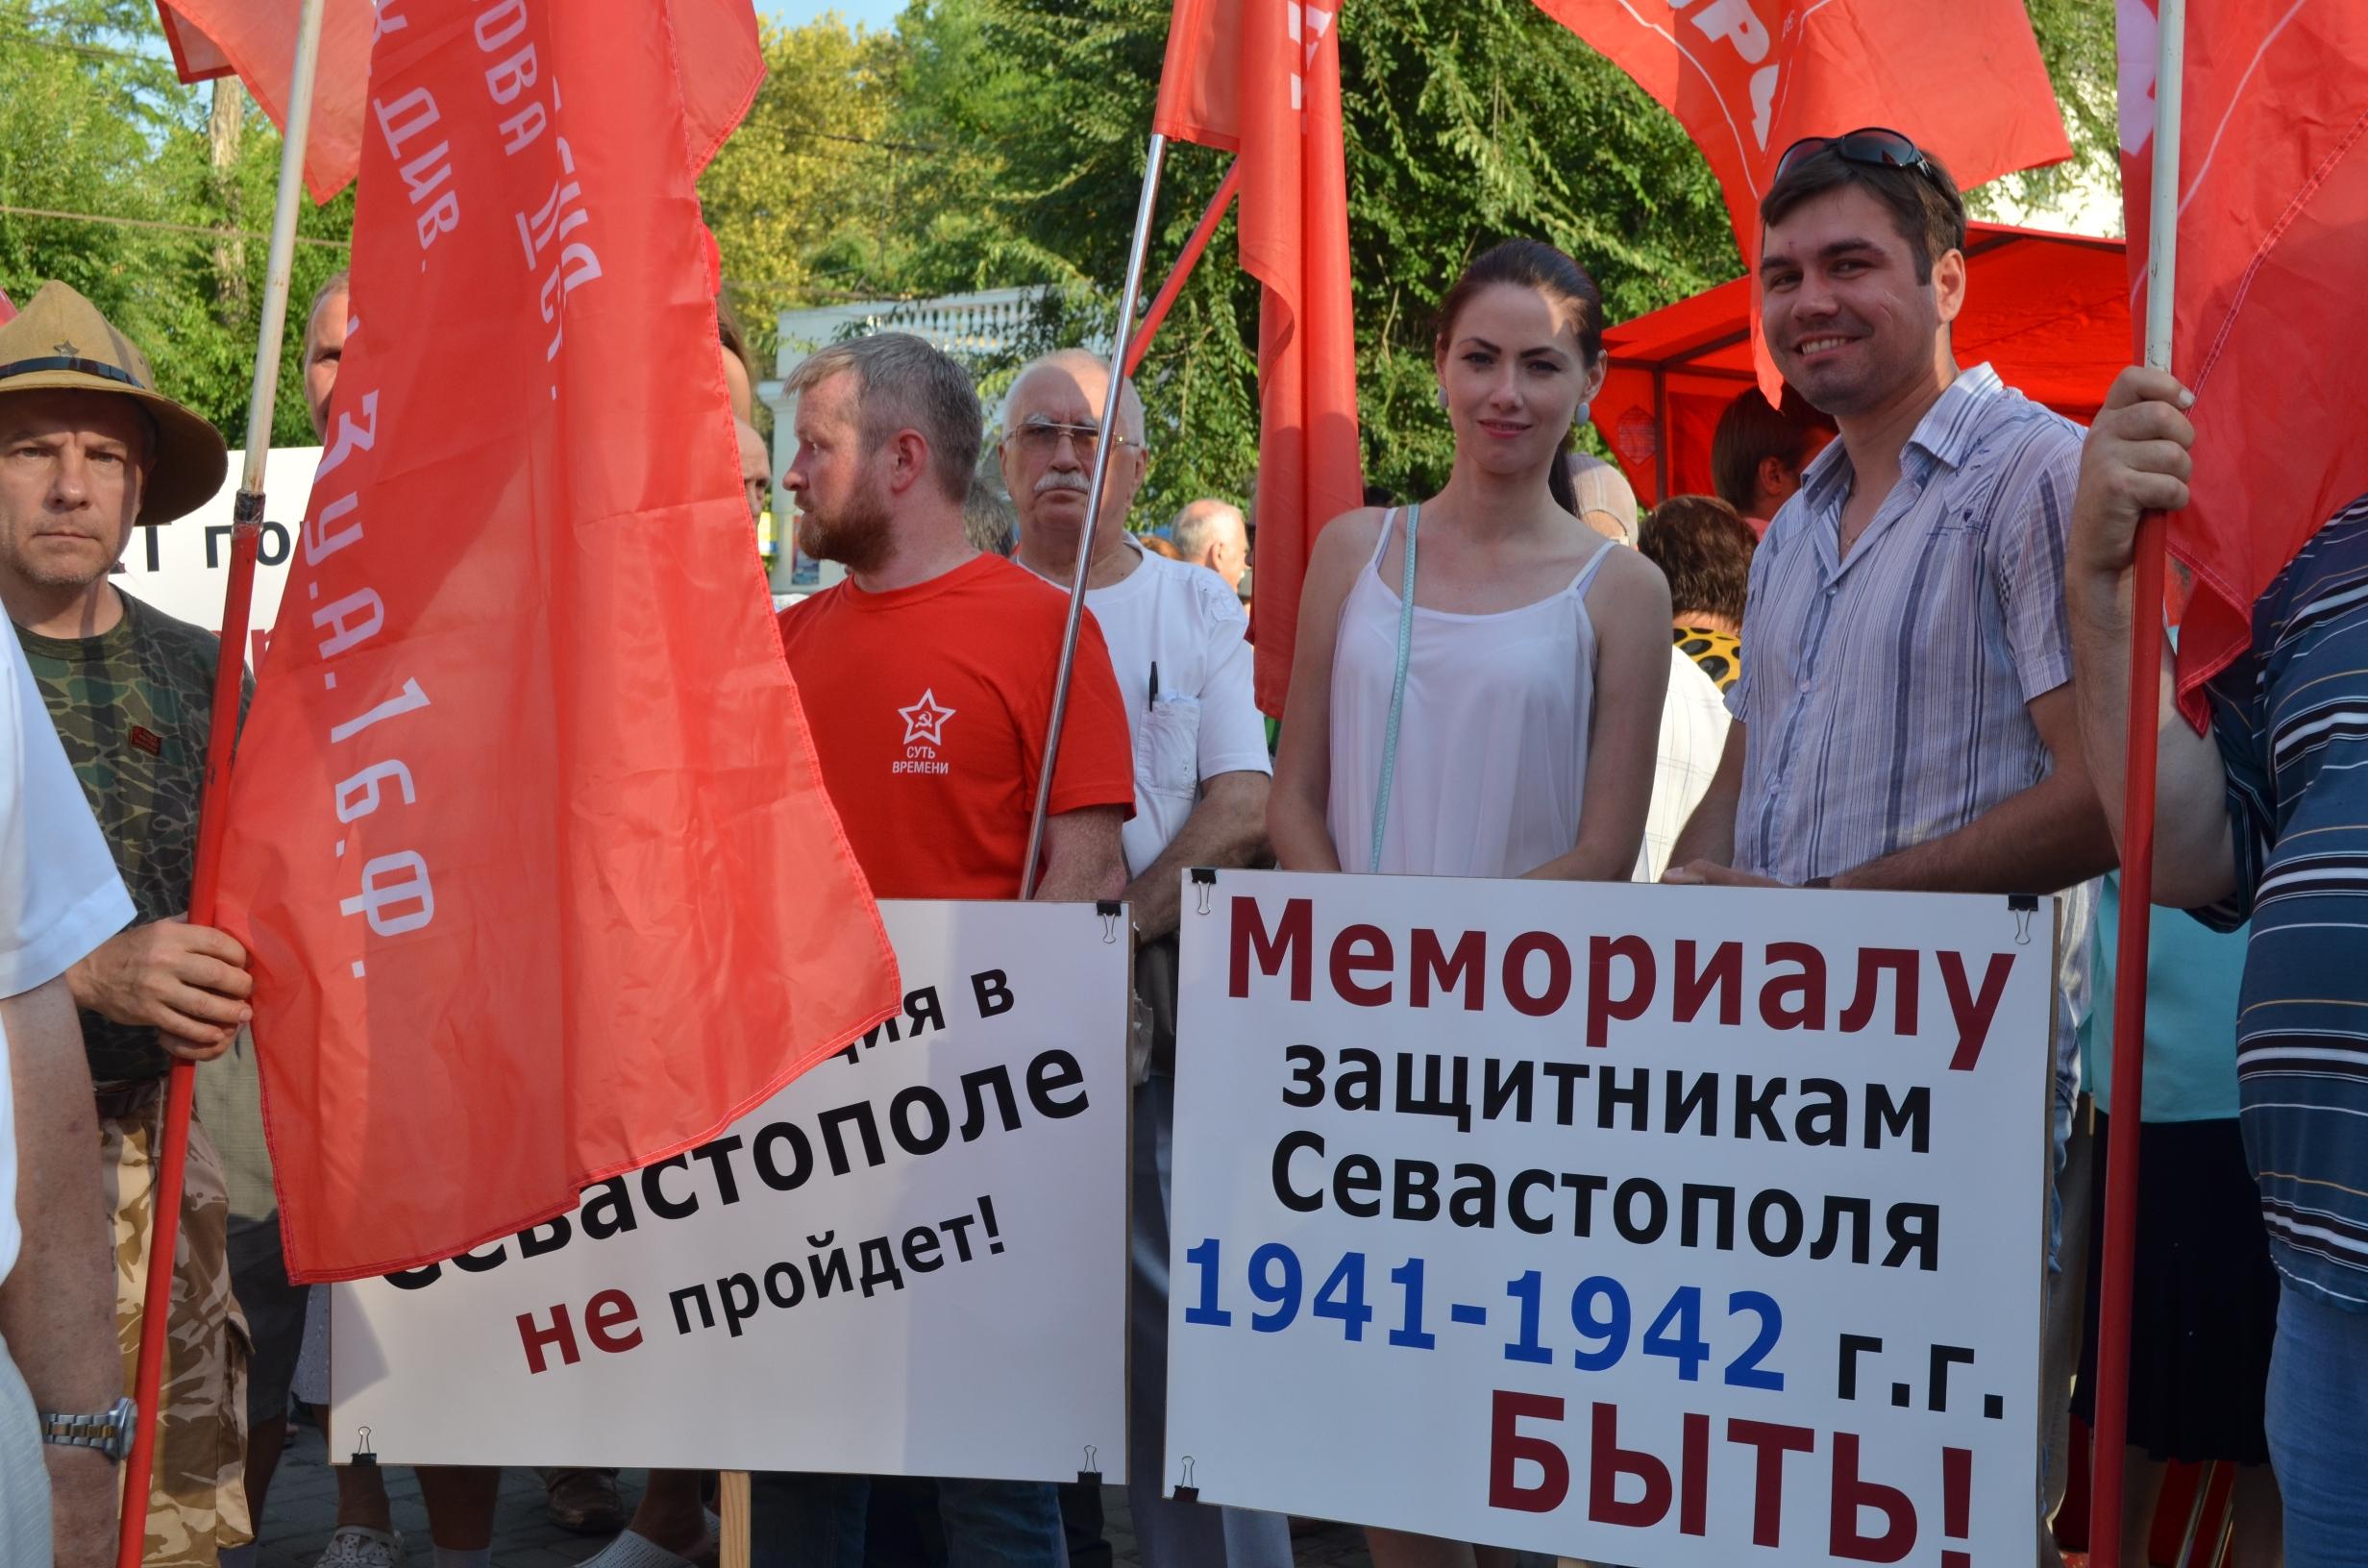 20170804-Антисоветизм в Севастополе не пройдёт- севастопольцы вышли на митинг против памятника примирению-pic5